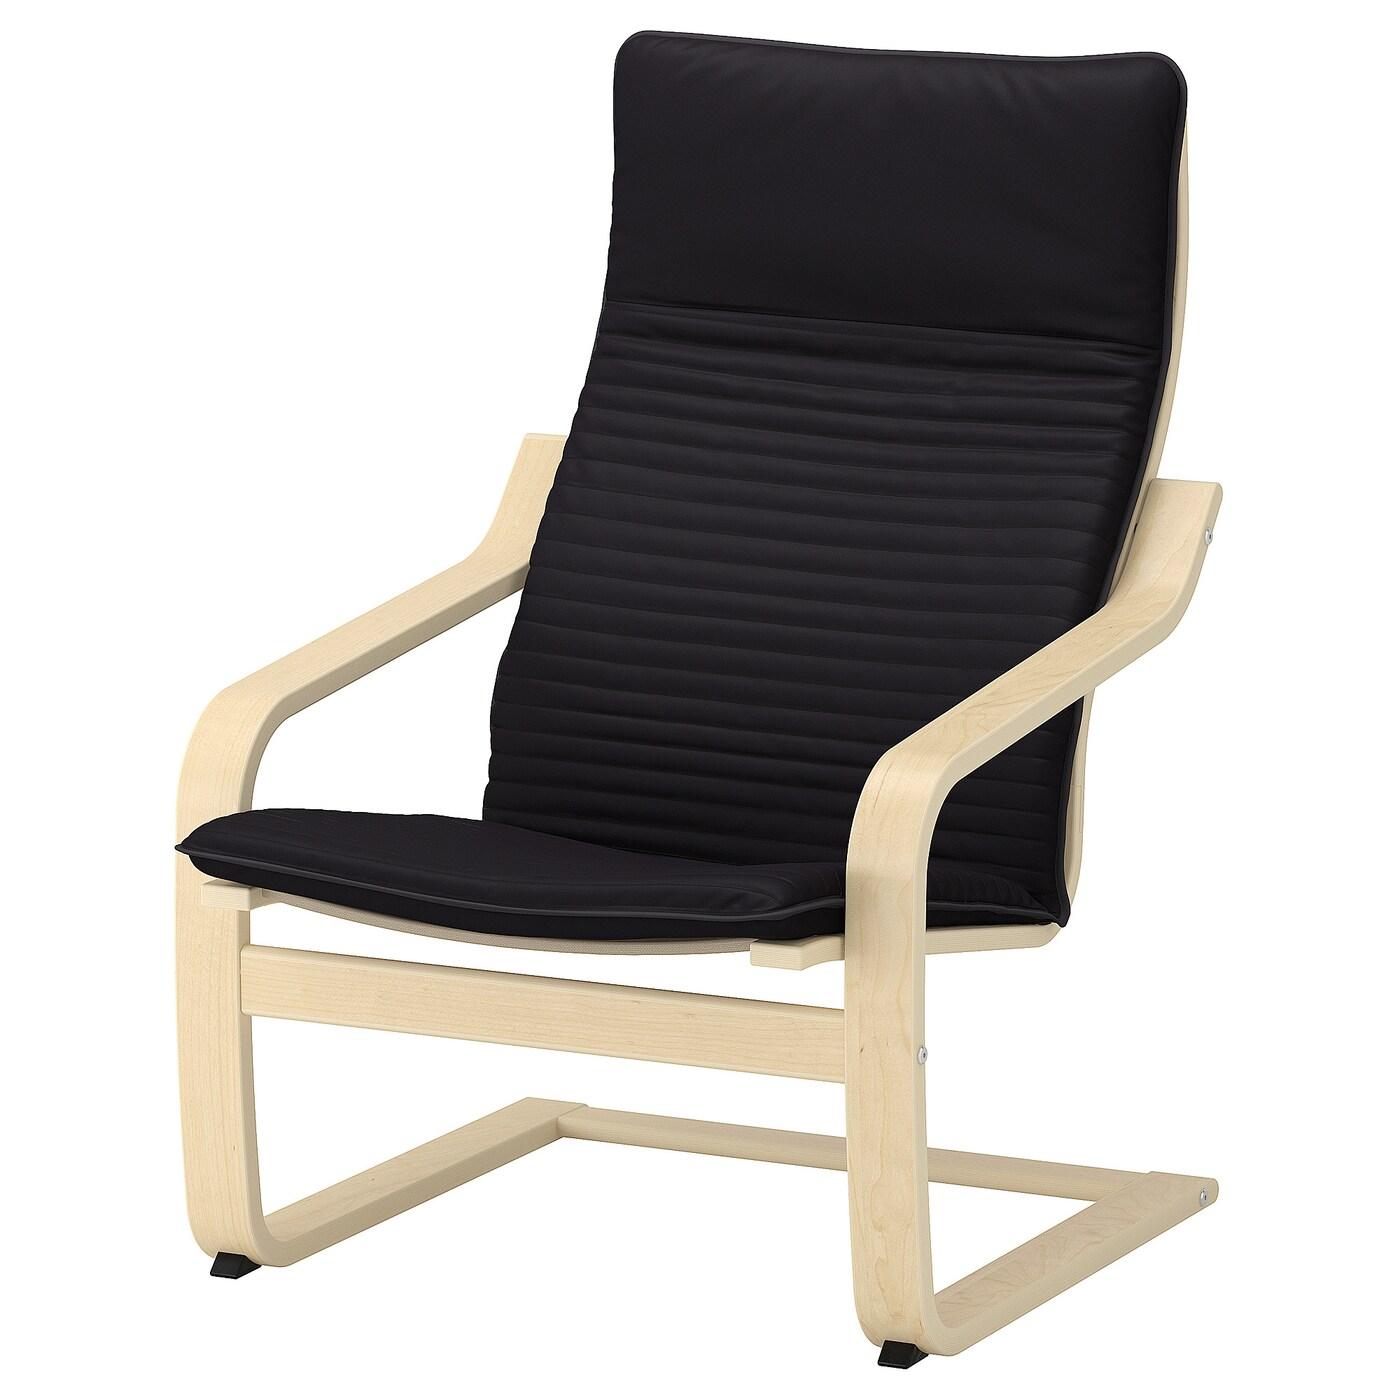 IKEA POÄNG czarny fotel z ramą w okleinie brzozowej